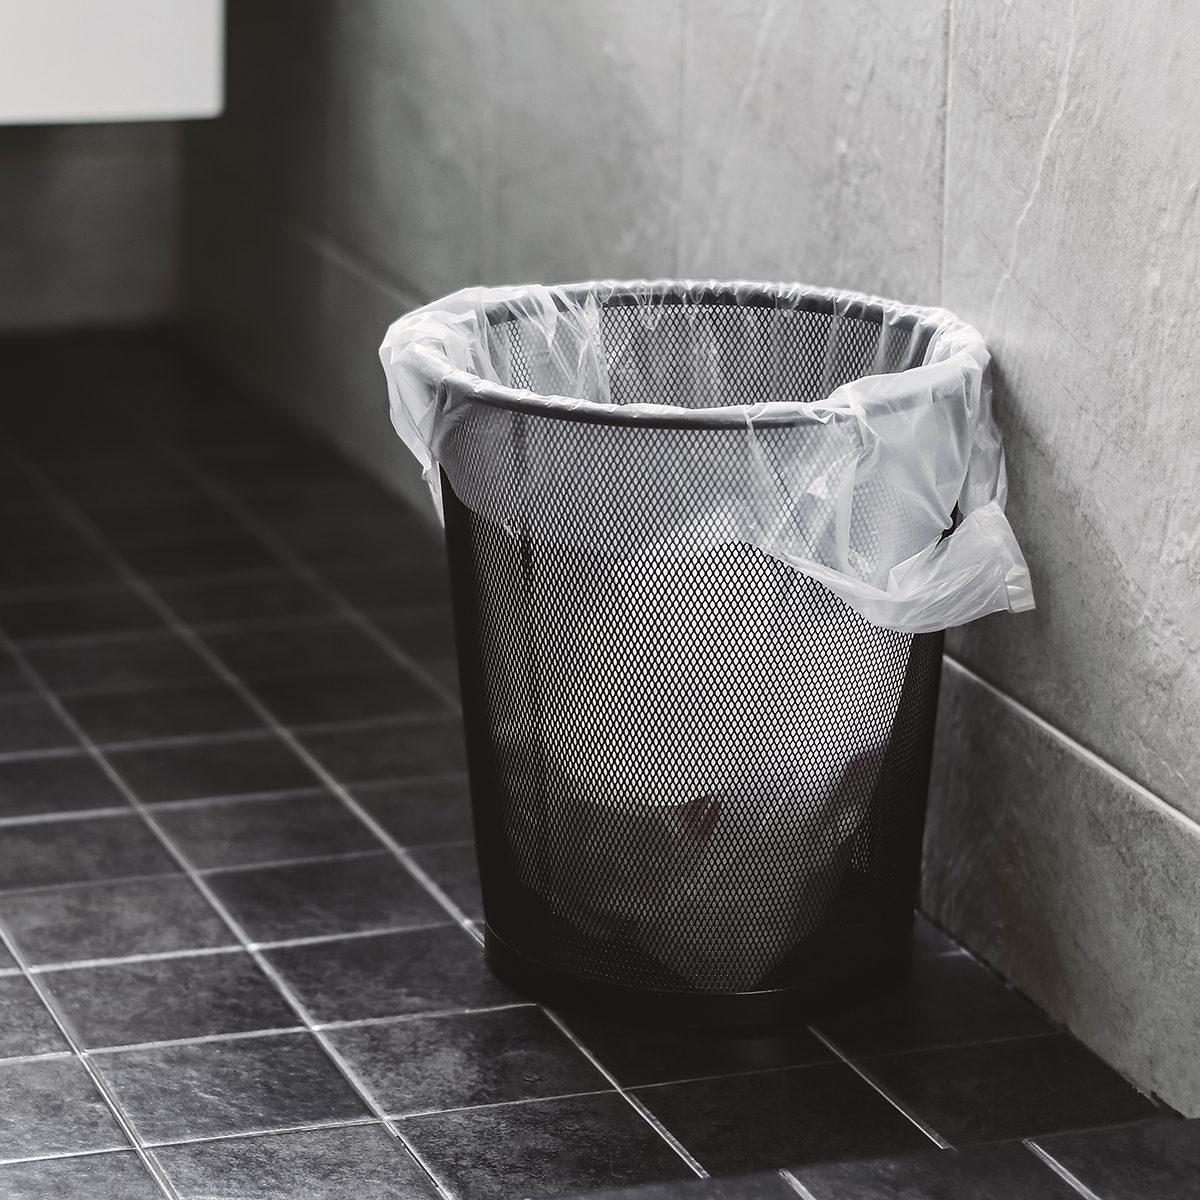 trash bin in the toilet